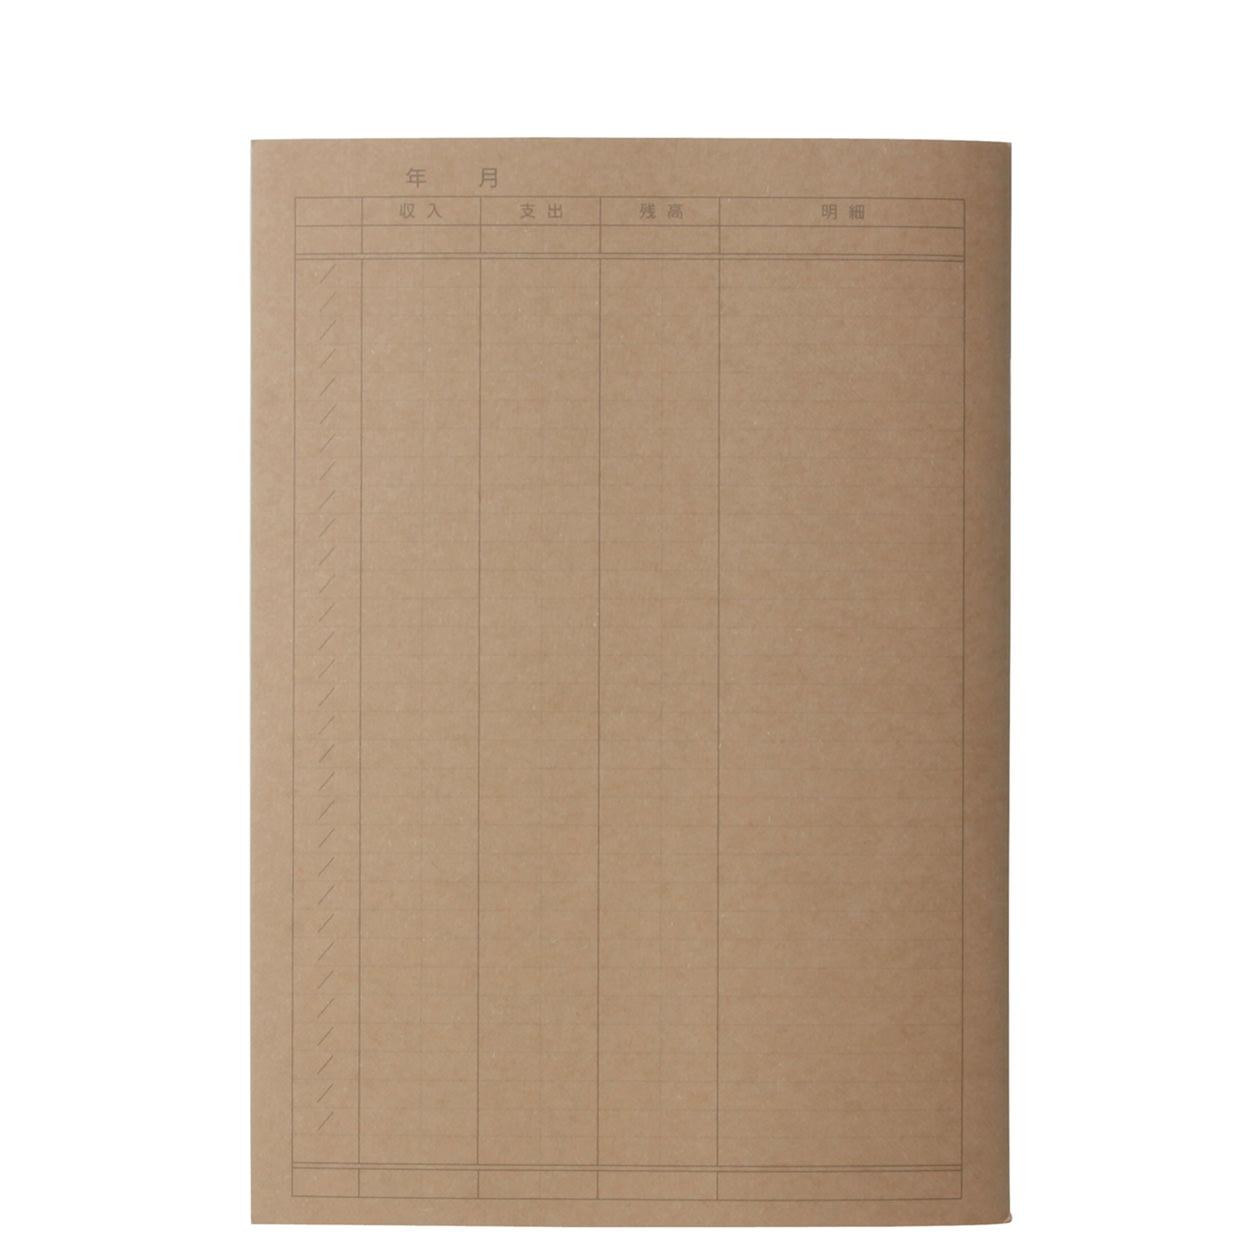 再生紙ノート・家計簿A5・32枚 ...